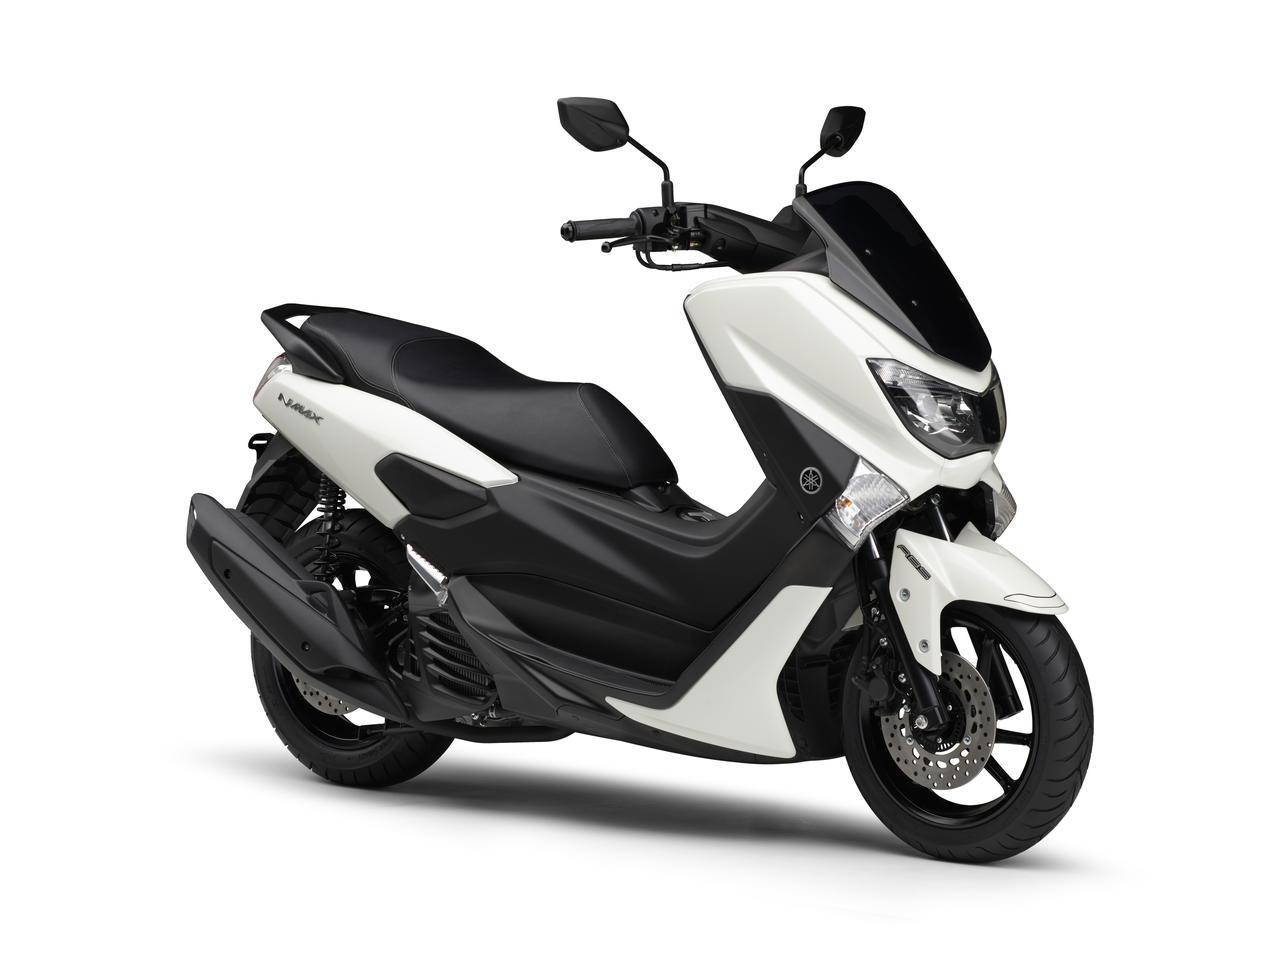 画像5: ヤマハ「NMAX ABS」(2020年)解説&試乗インプレ|YAMAHAで最も高価な125cc二輪スクーターの魅力とは?